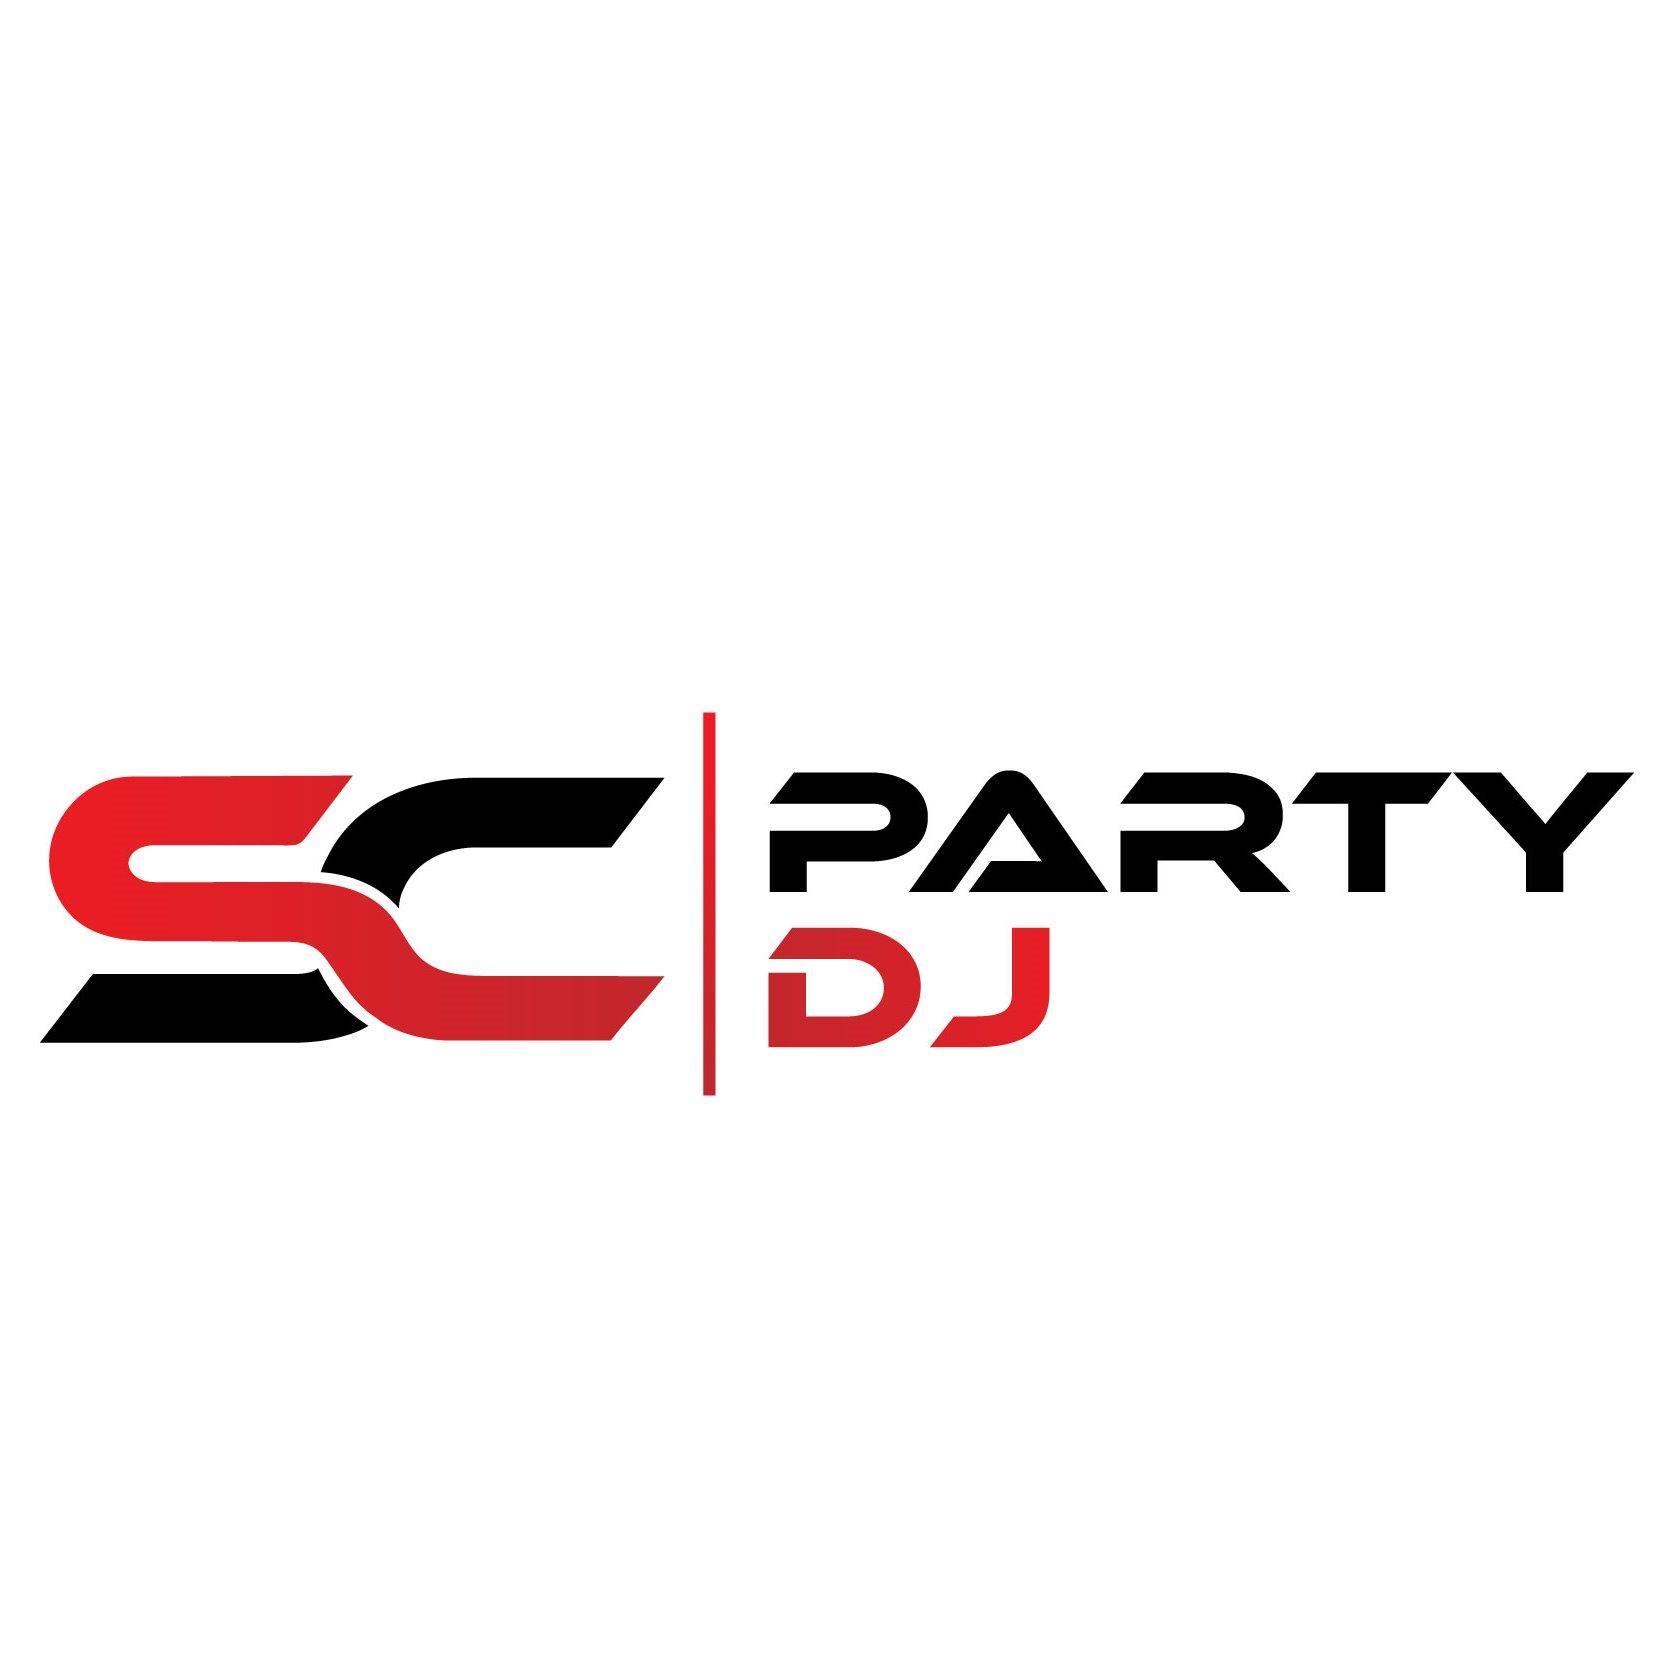 SC Party DJ - Simpsonville, SC - Entertainers